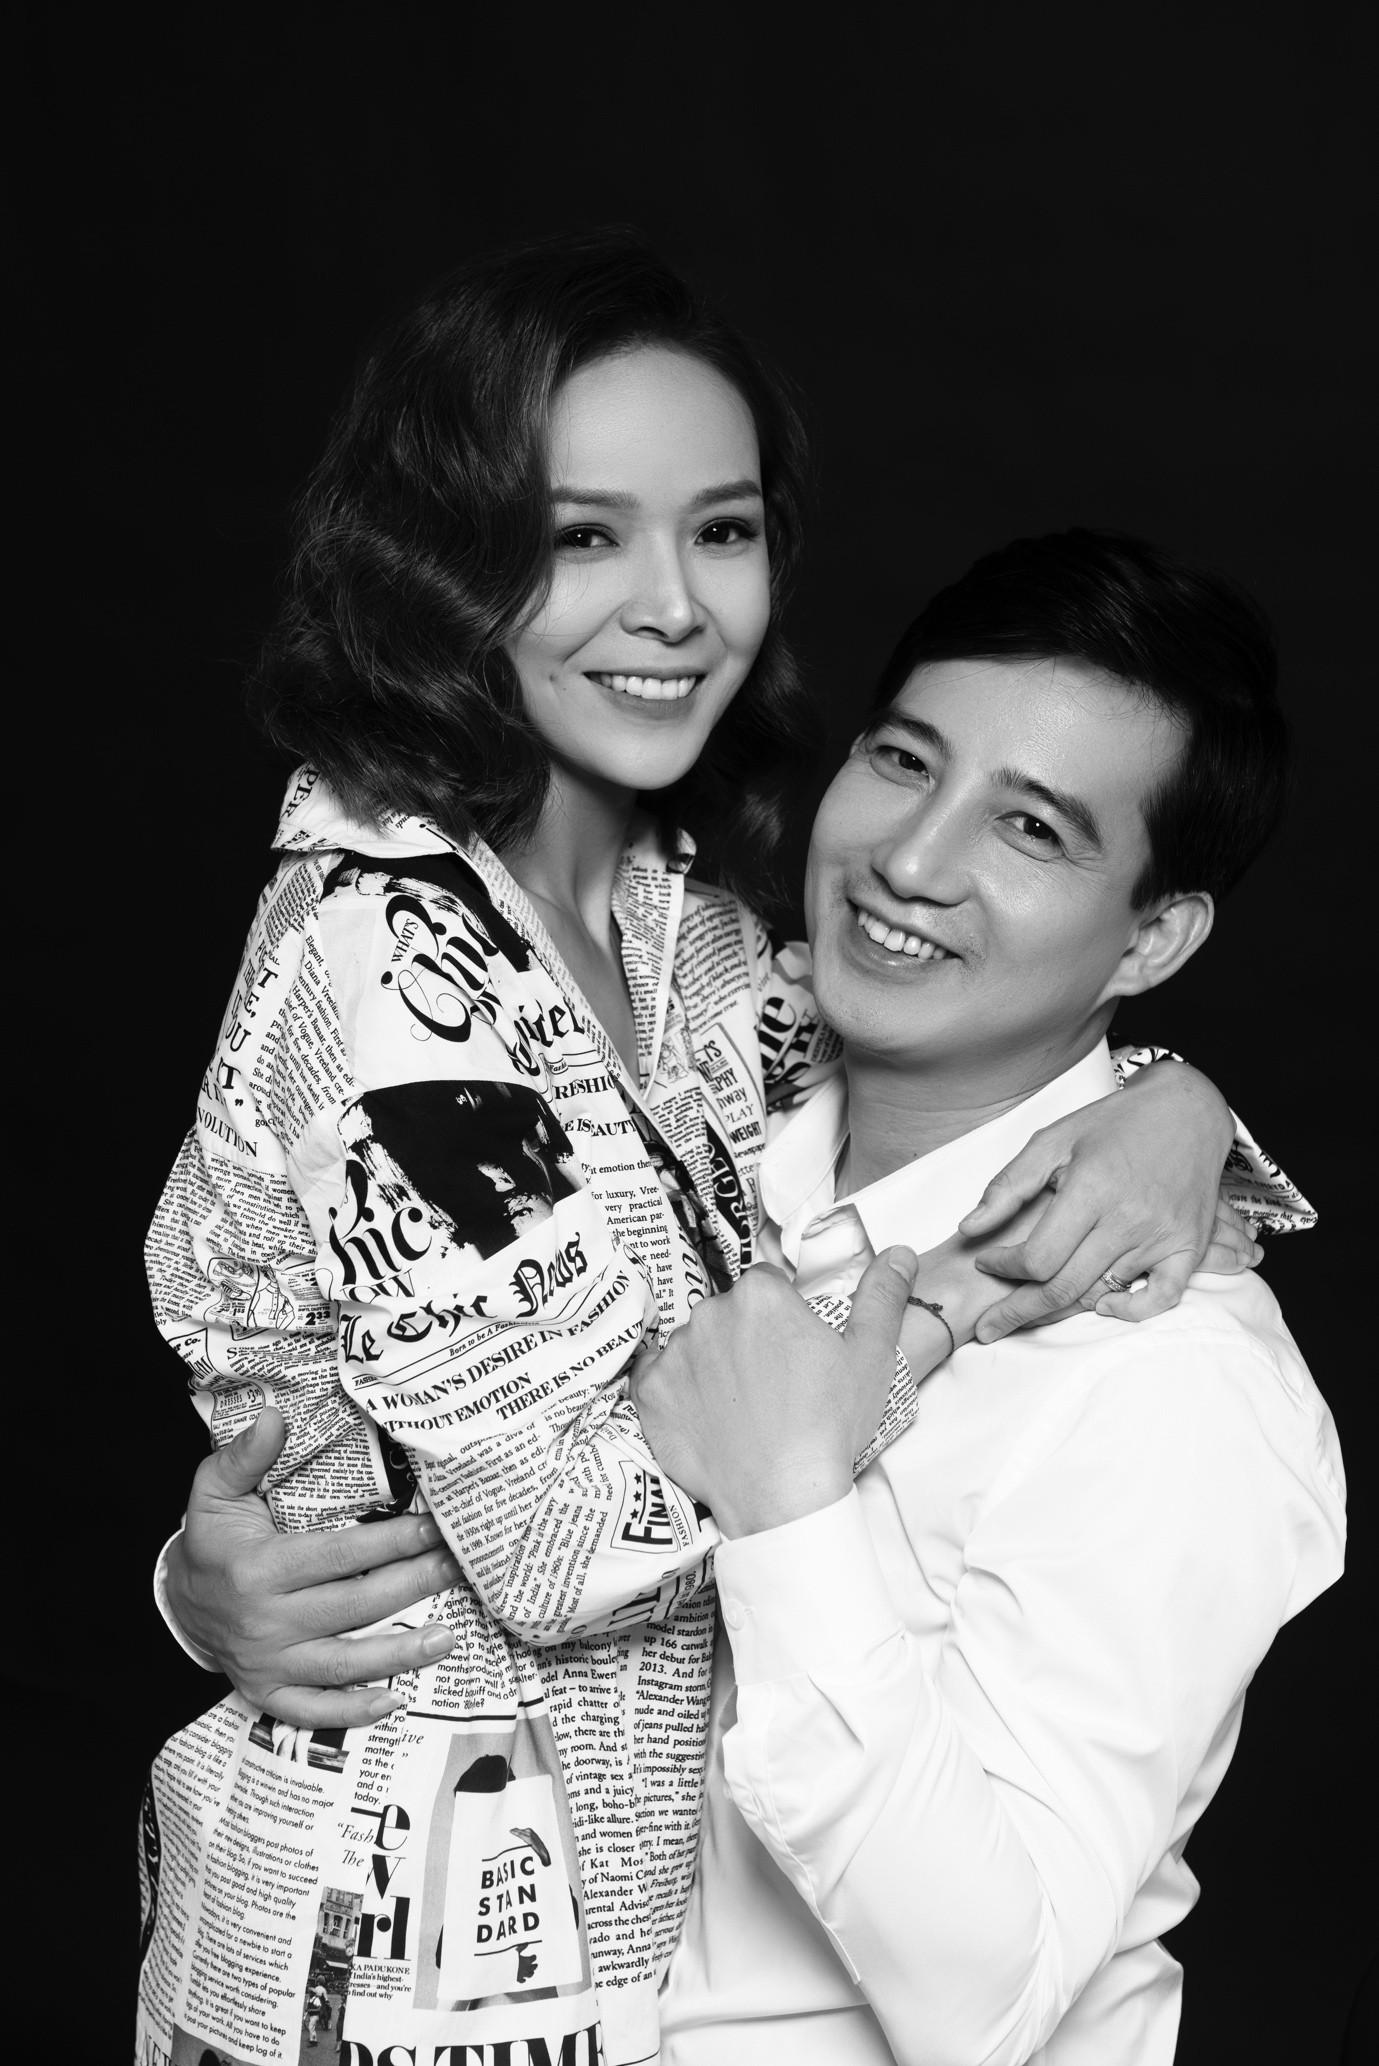 """Diễm Hương """"Những nhân viên gương mẫu"""" và chuyện tình đặc biệt với Hồng Quang - Ảnh 6."""